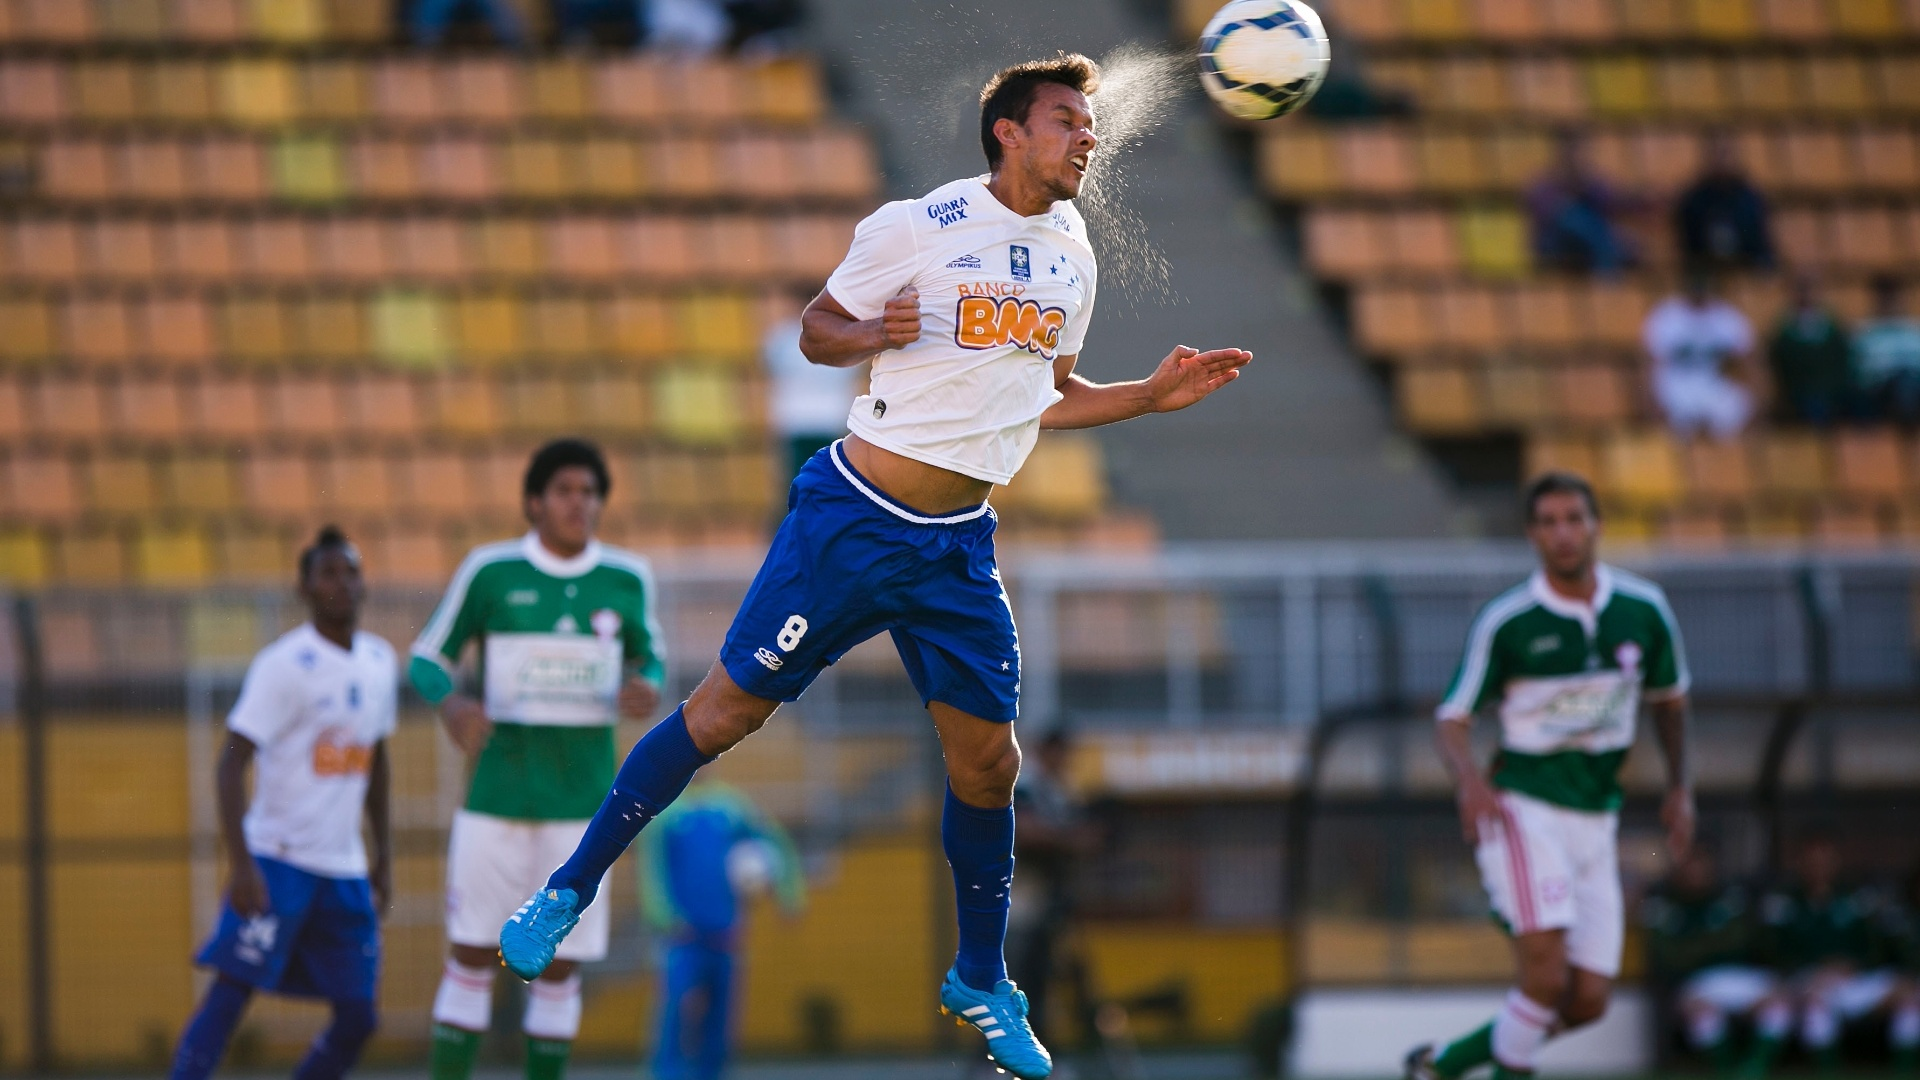 Henrique, do Cruzeiro, sobe para afastar de cabeça durante jogo contra o Palmeiras no Pacaembu